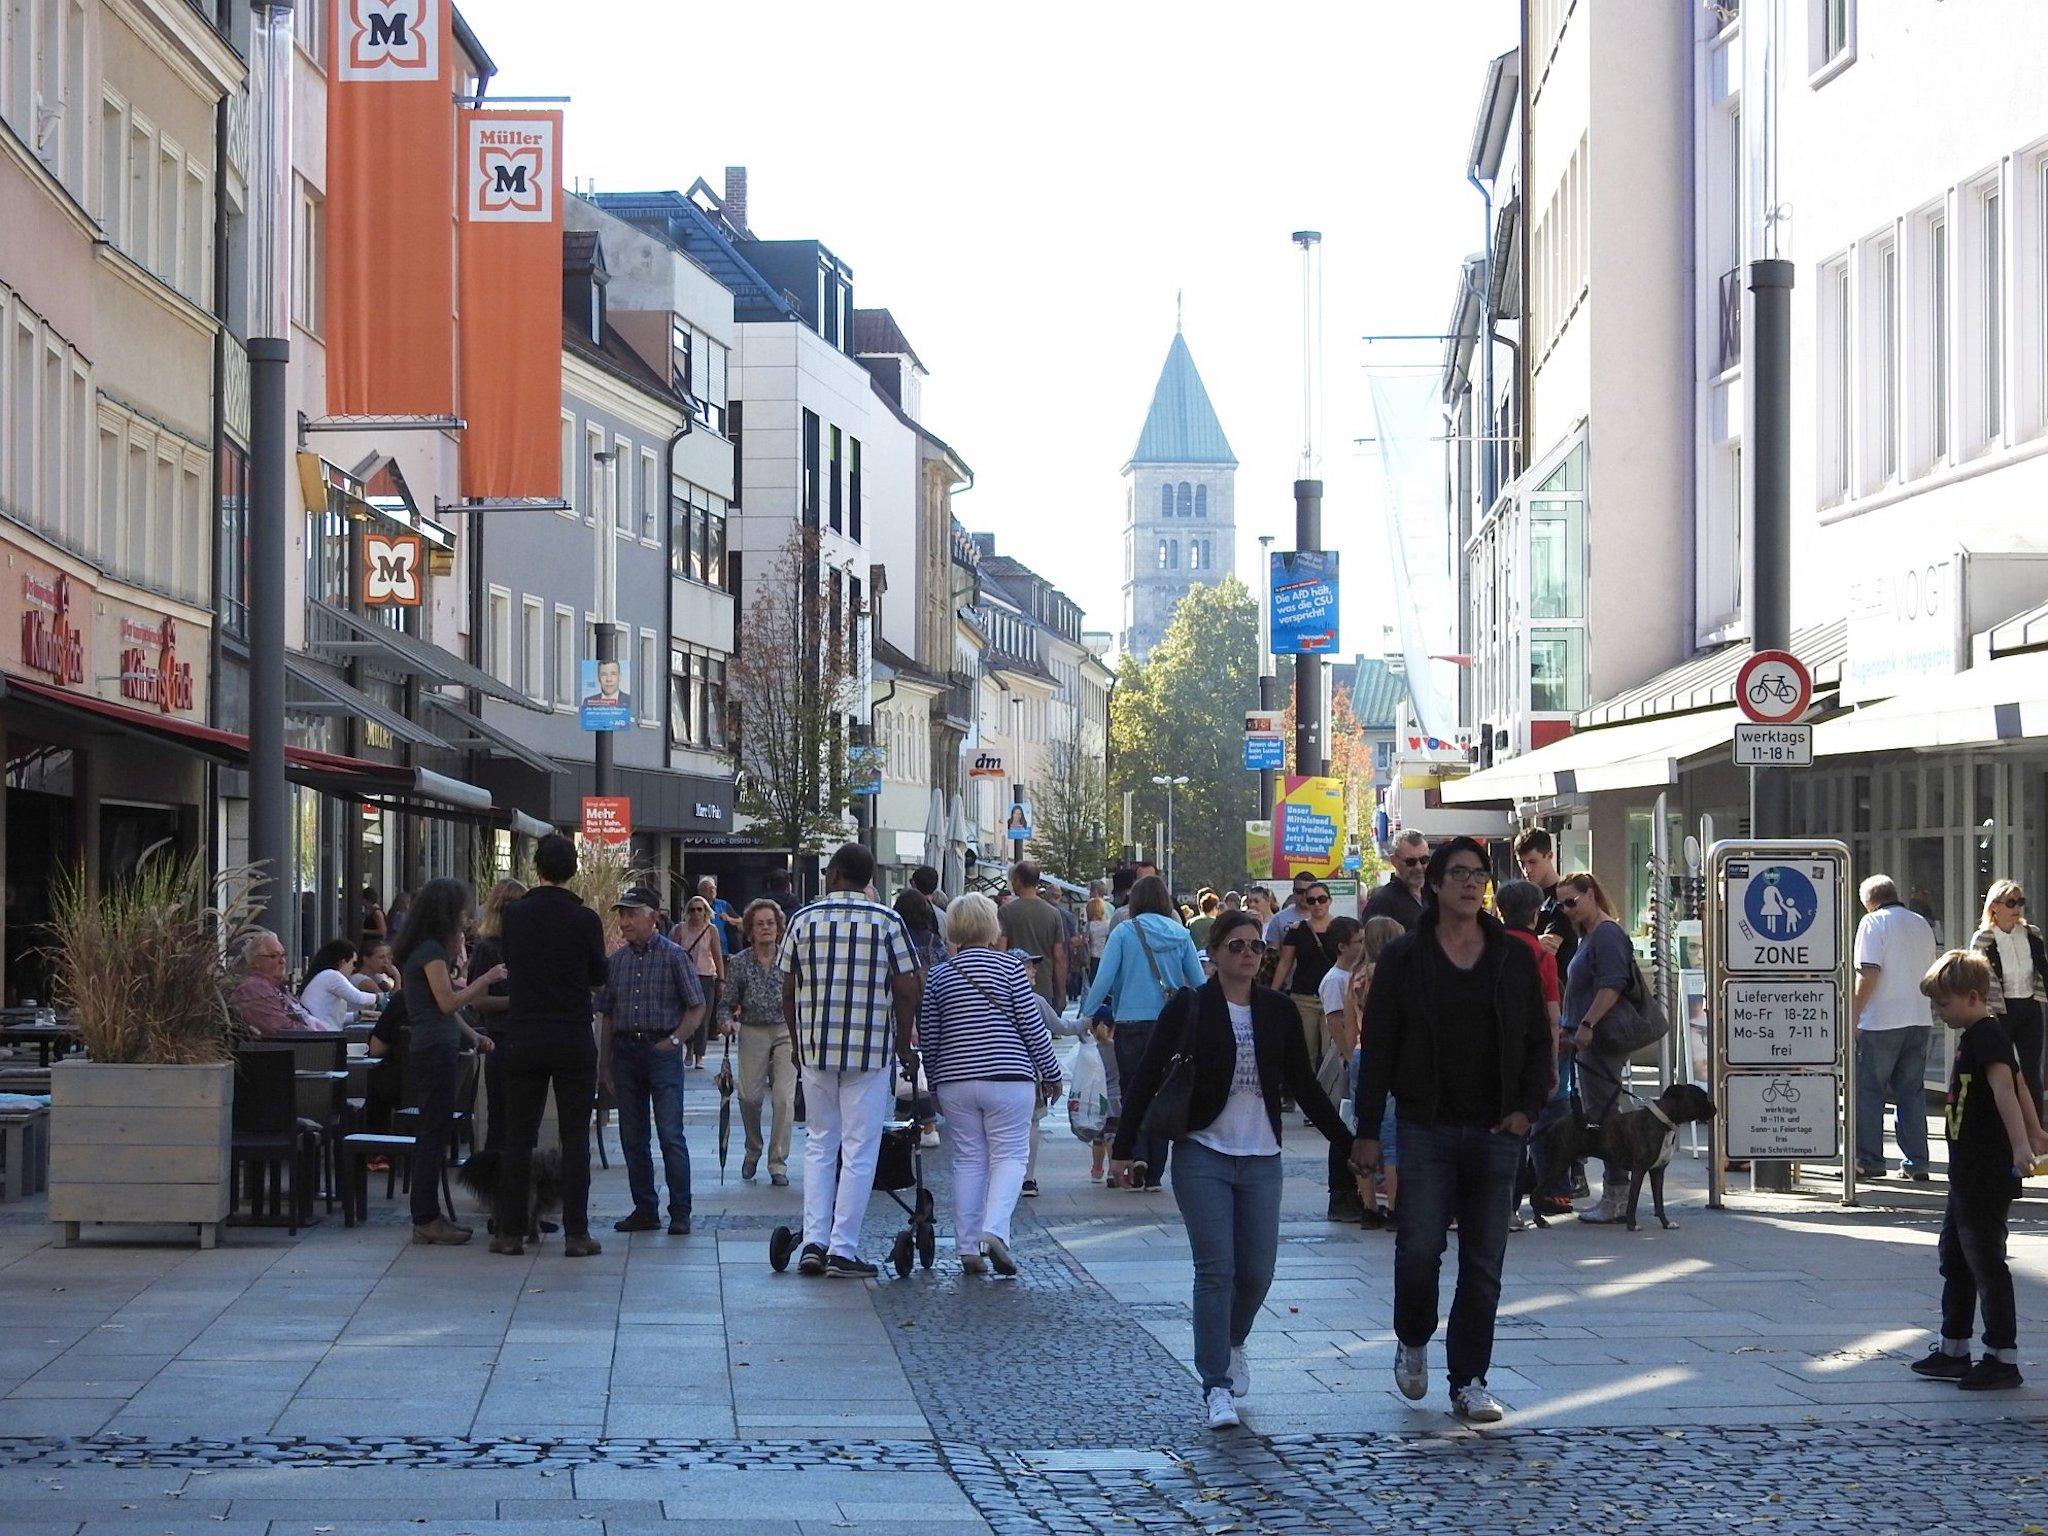 Volle Innenstadt am verkaufsoffenen Sonntag 2018. Foto: Dirk Flieger